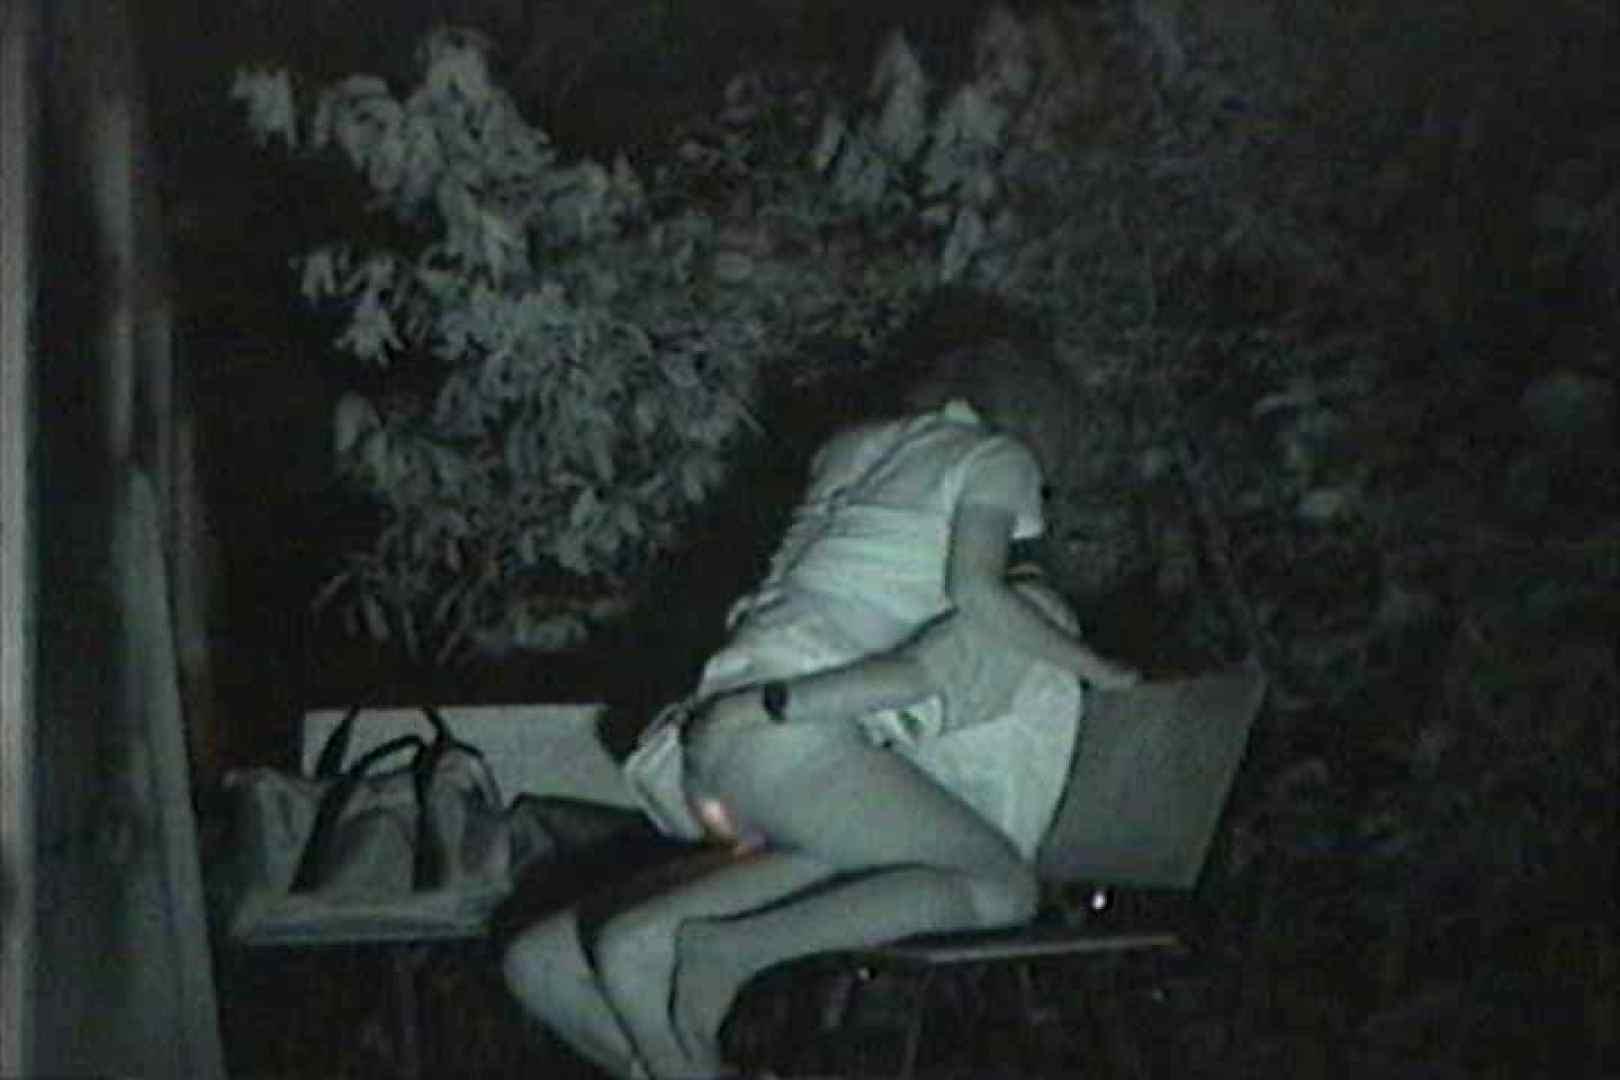 闇の仕掛け人 無修正版 Vol.24 ホテル隠し撮り 隠し撮りオマンコ動画紹介 101pic 68